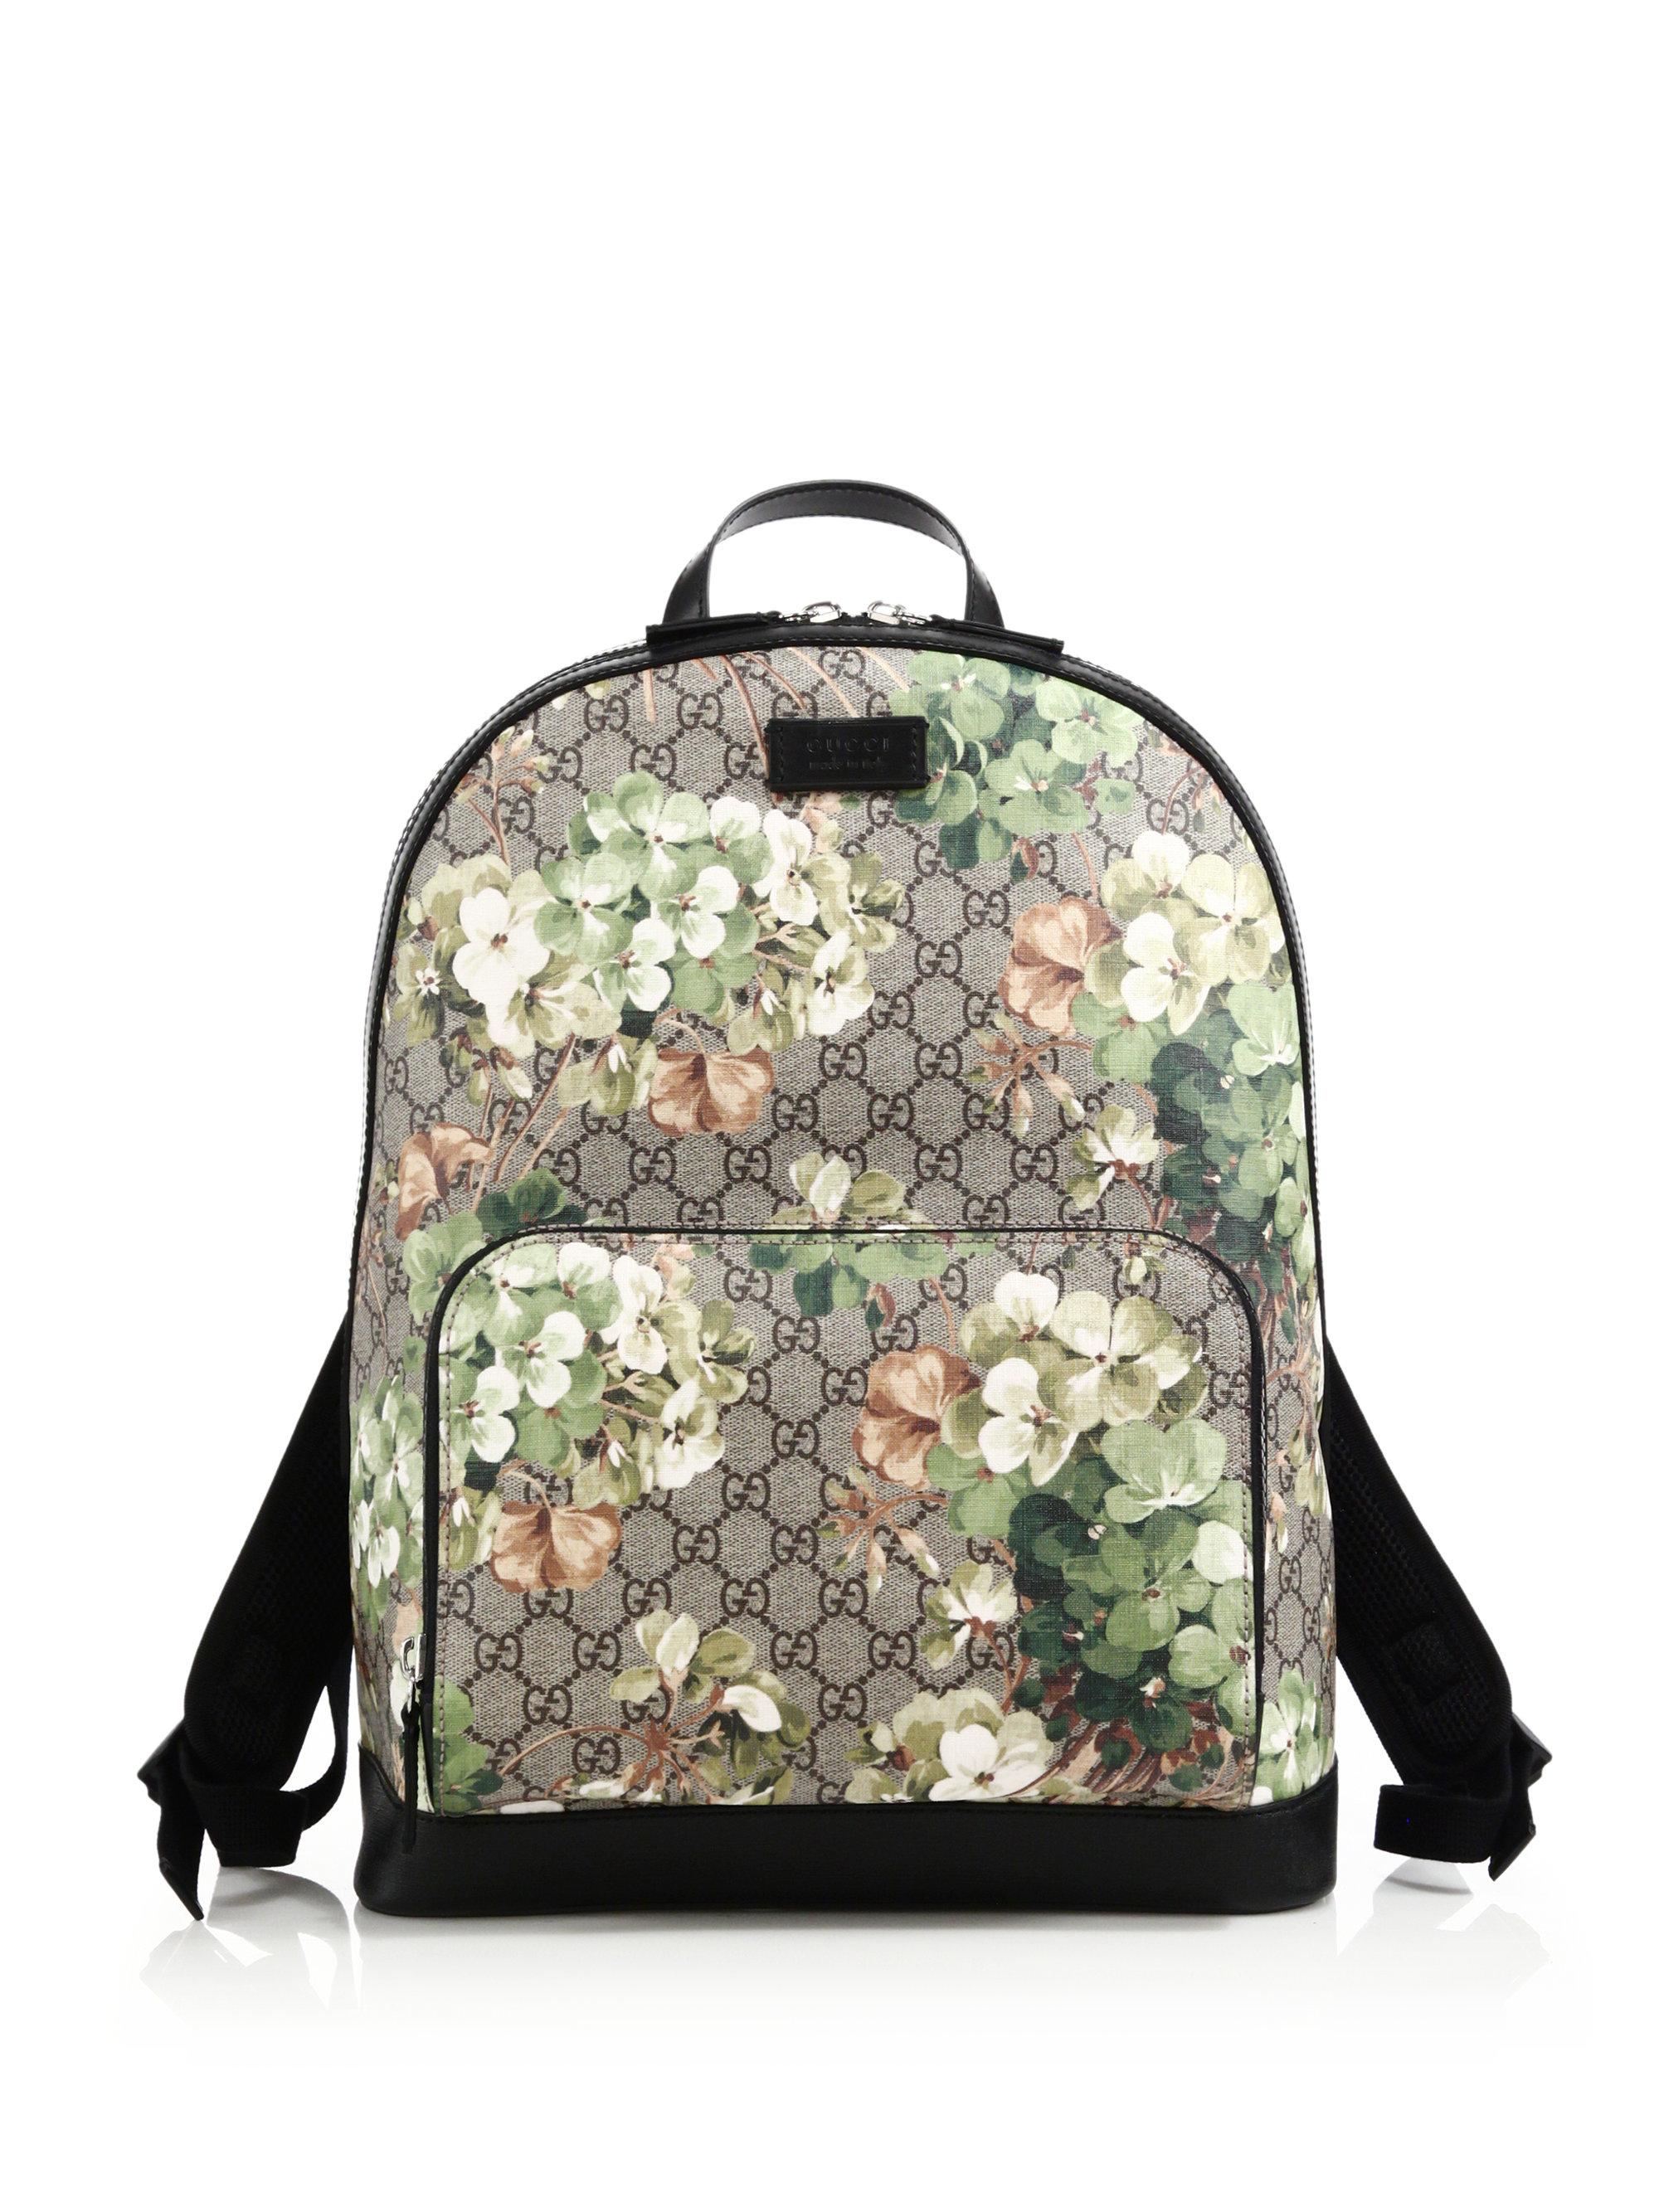 6670dd1f4d44de Gucci Backpack Black Canvas- Fenix Toulouse Handball